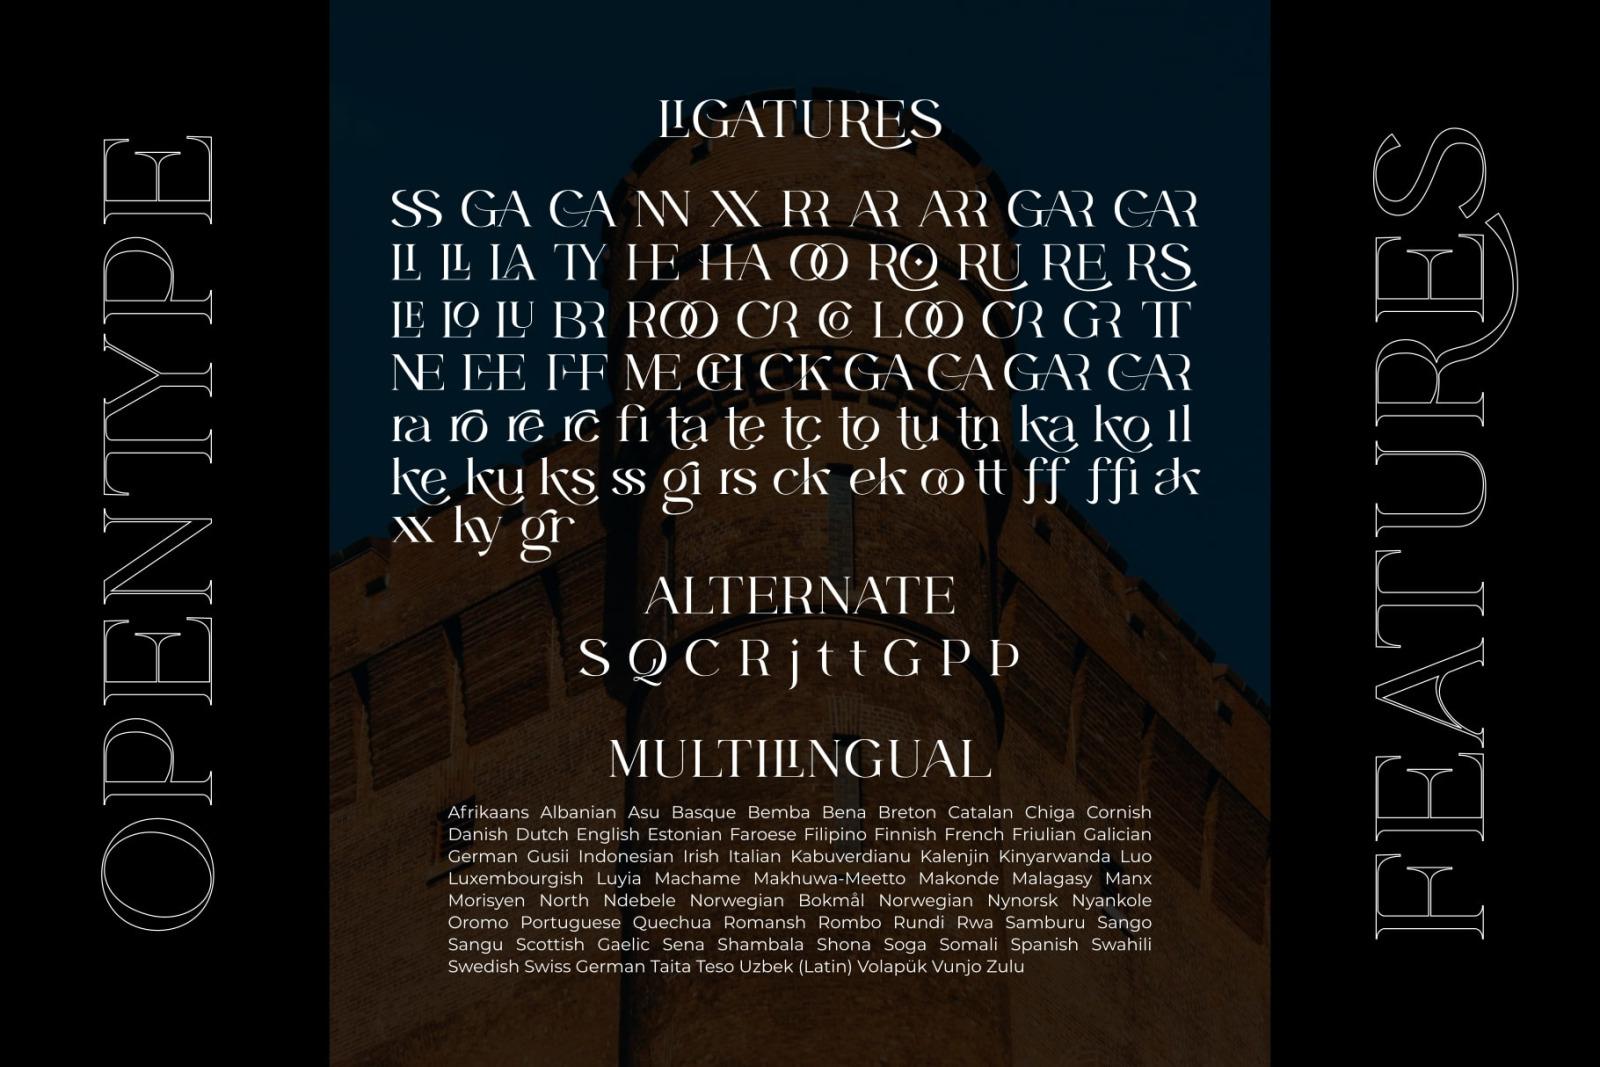 CASTLE ROCKS DUO - Ligature Font